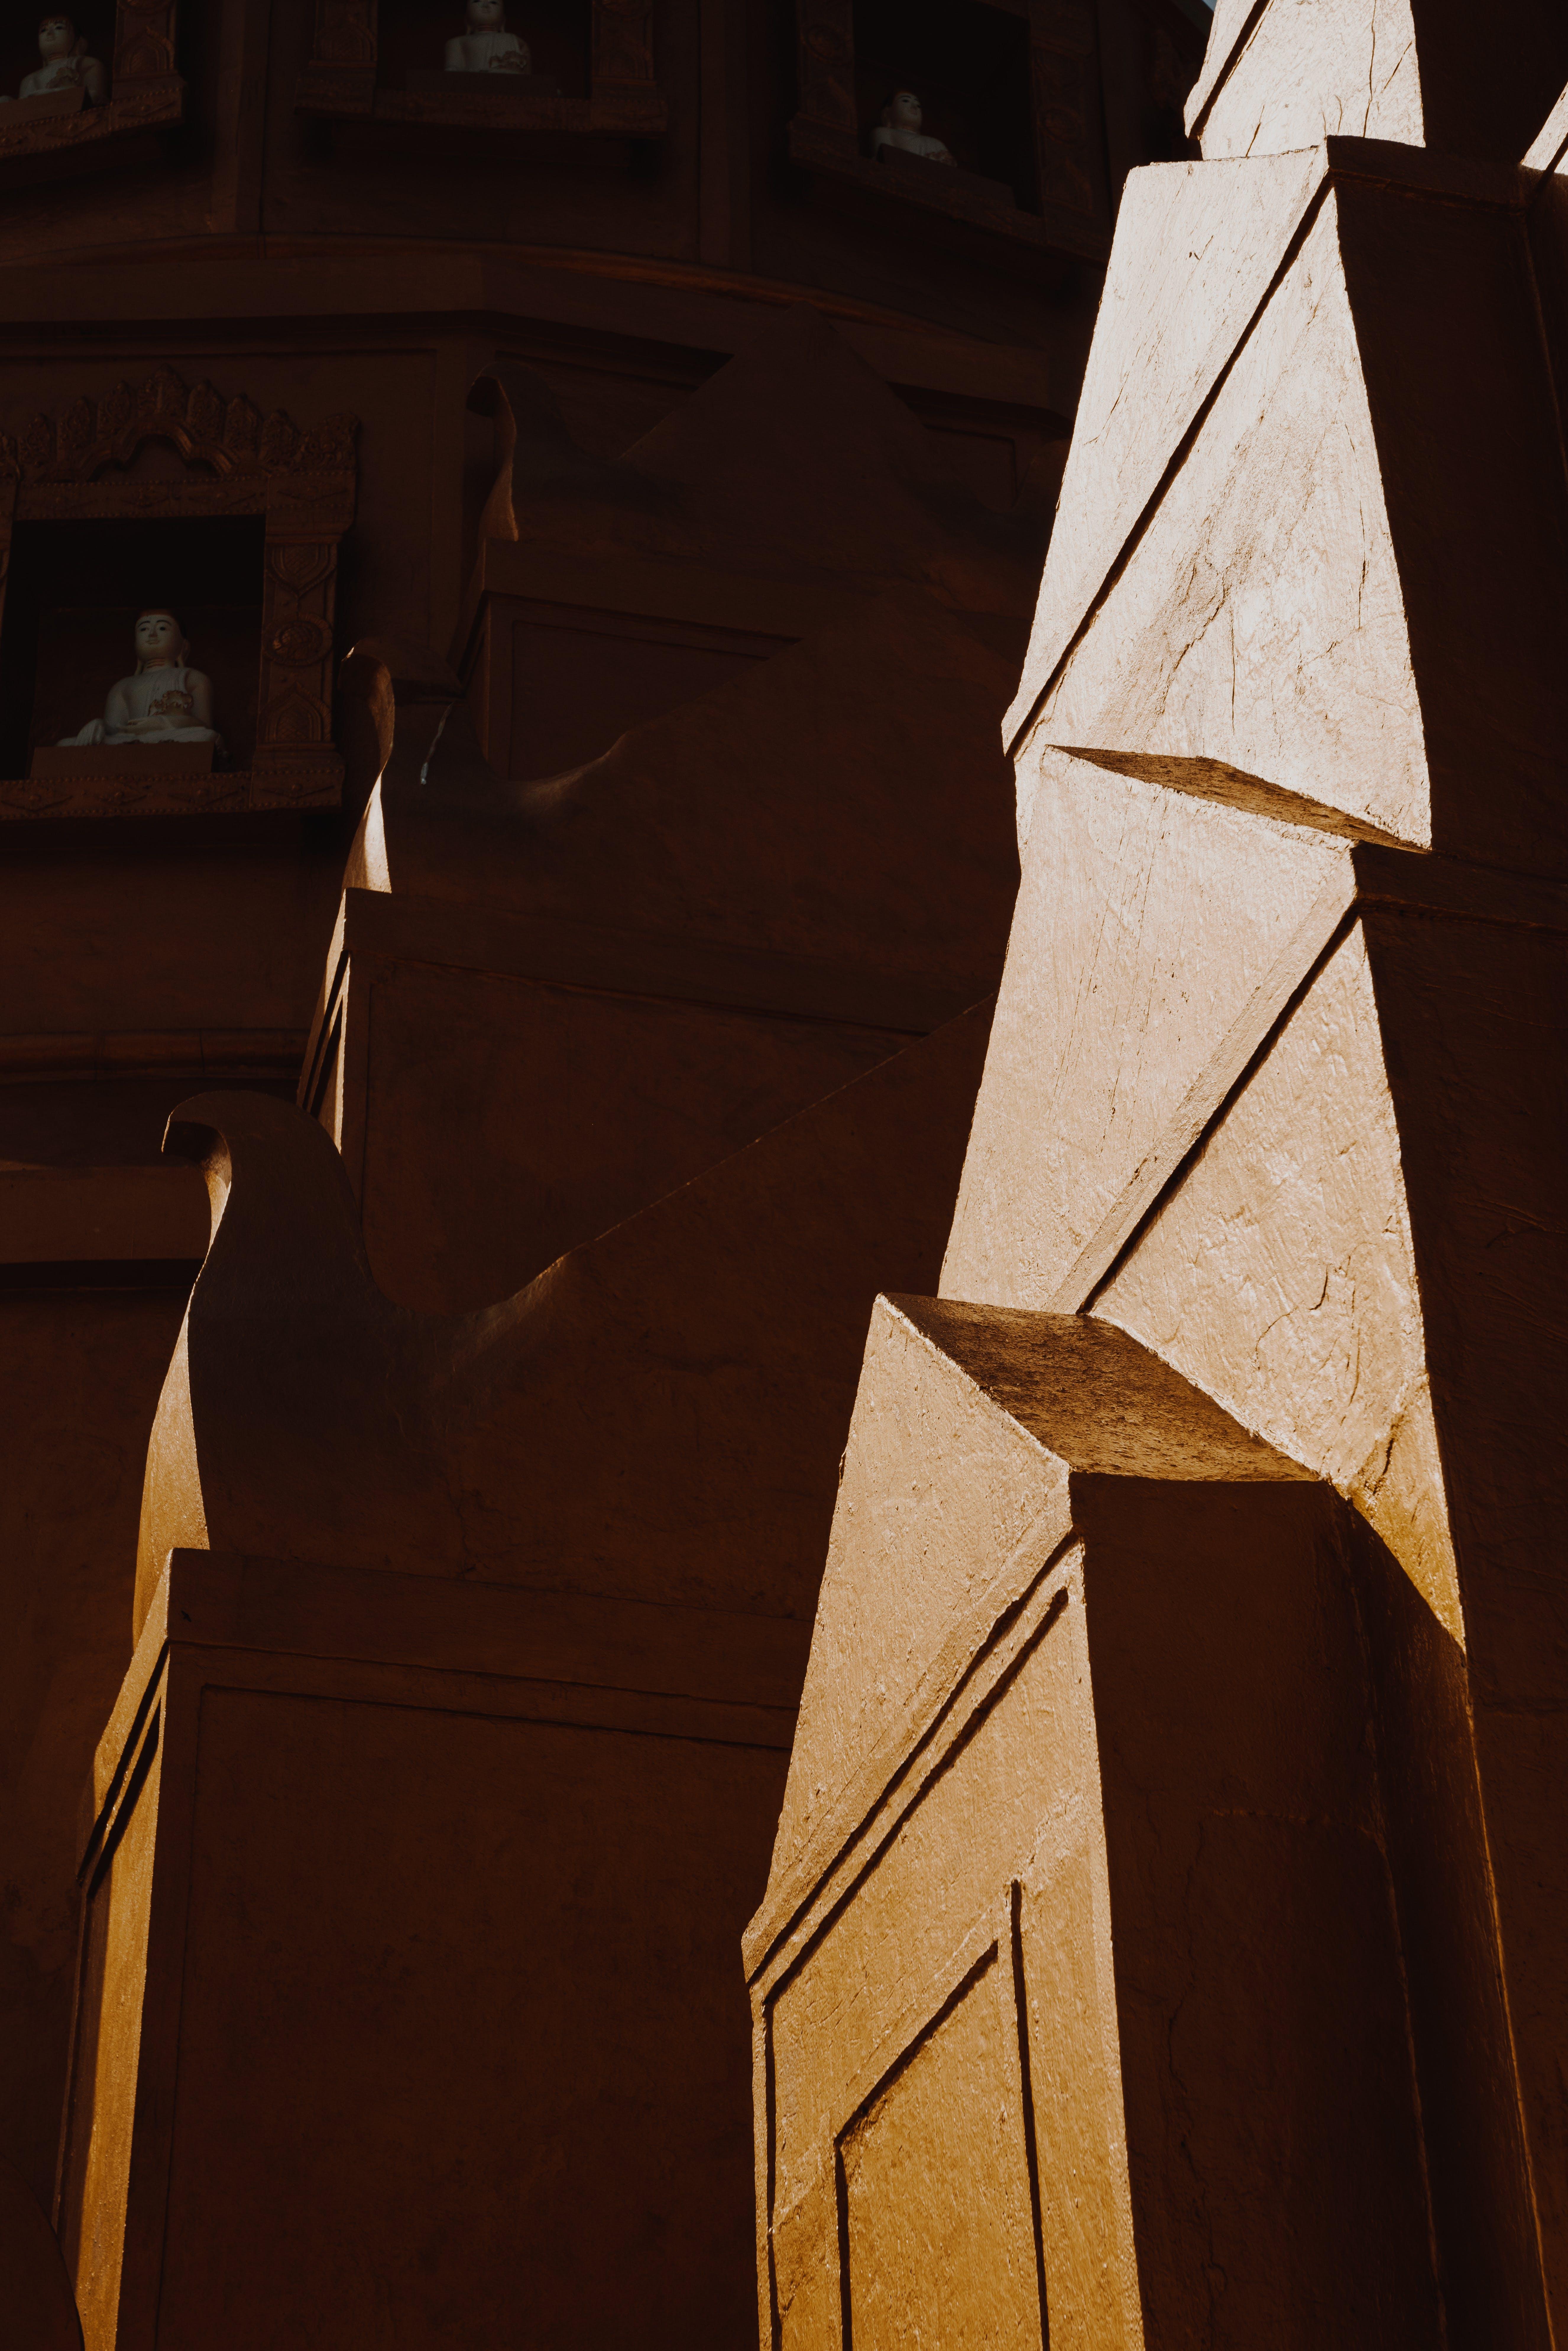 寺廟, 建造, 日光, 灰色混凝土 的 免費圖庫相片